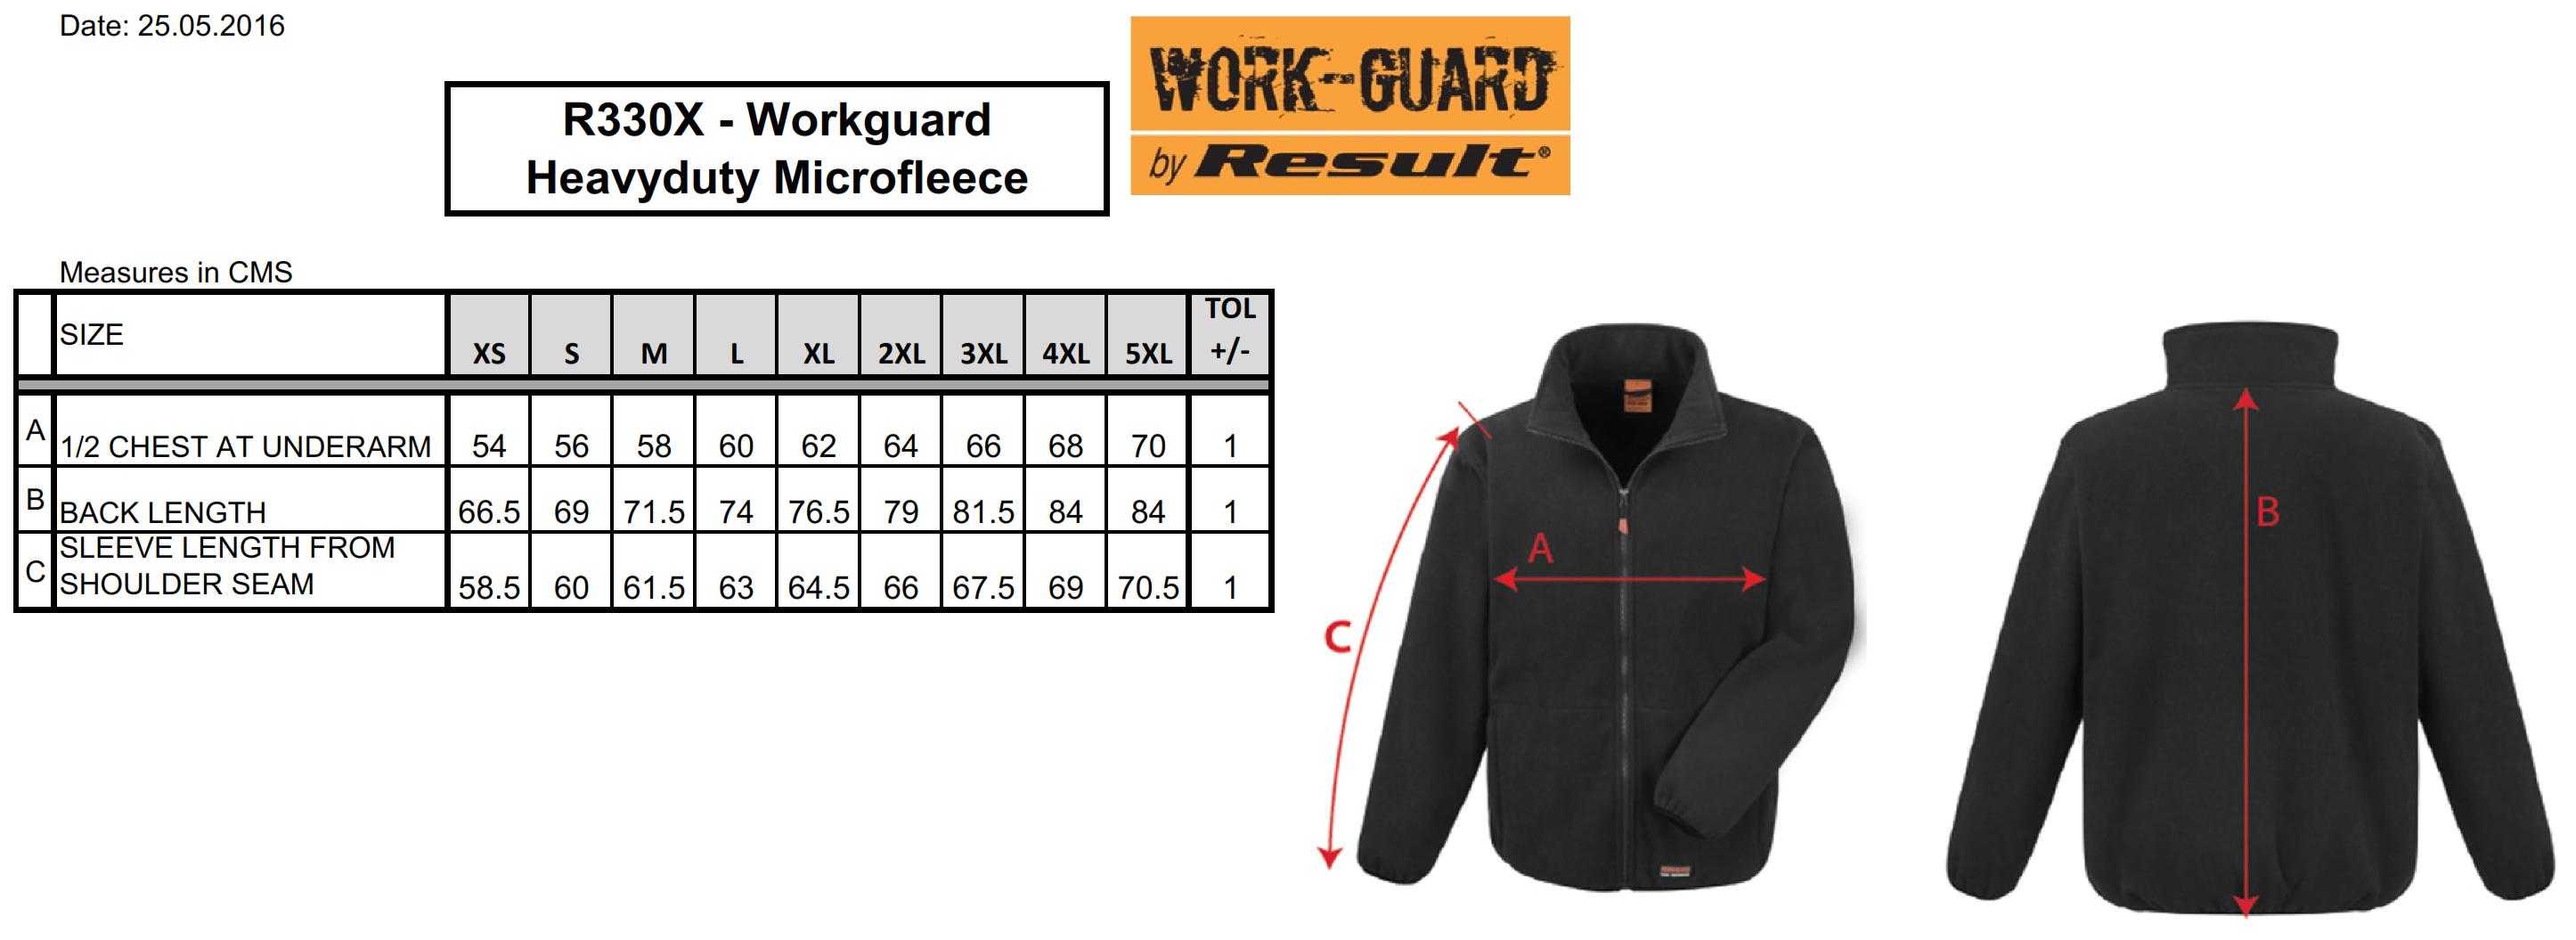 Result: Heavy Duty Microfleece R330X